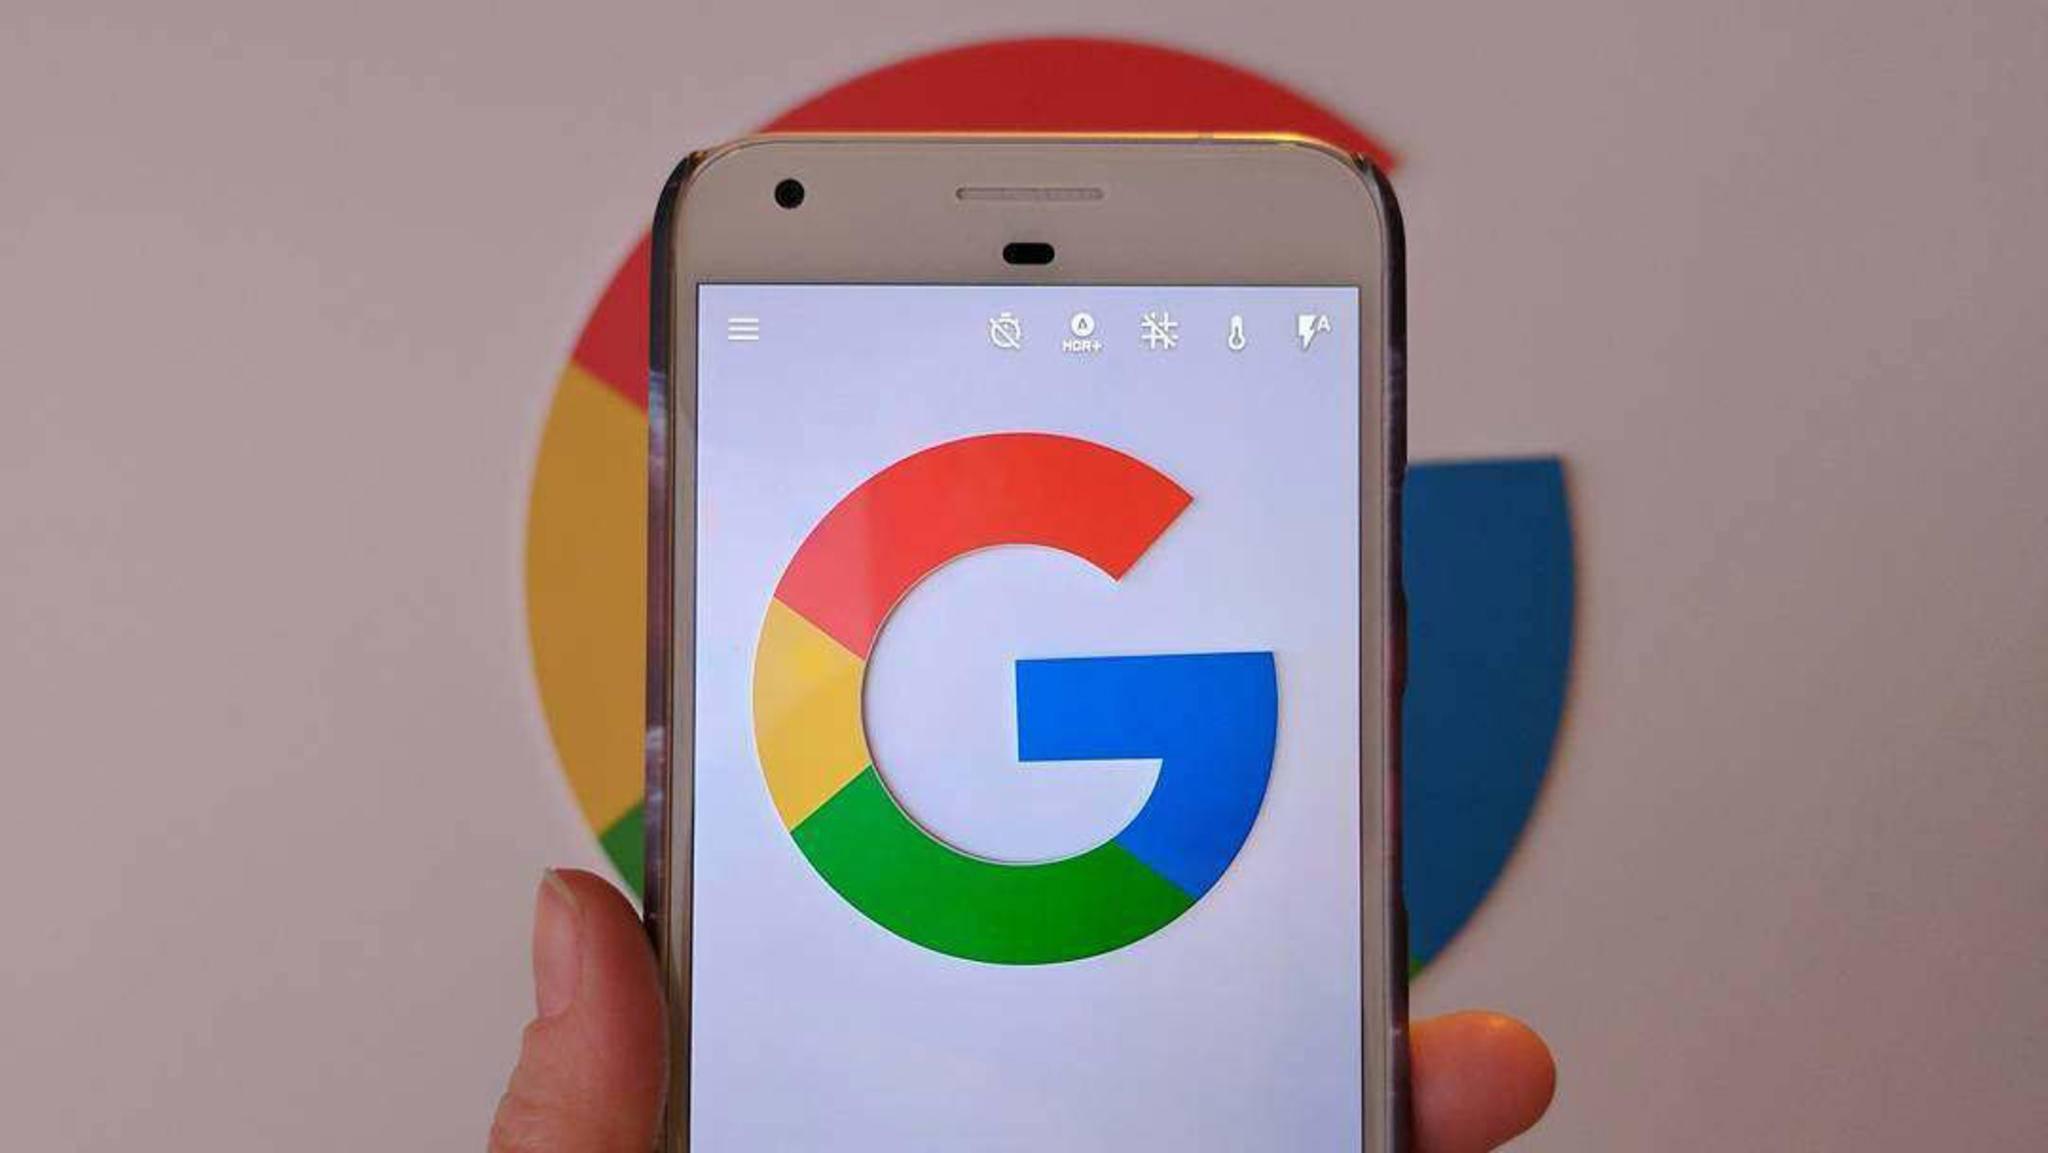 Pixel bleibt Premium, auch das Google Pixel 2 wird im Hochpreis-Segment angesiedelt sein.